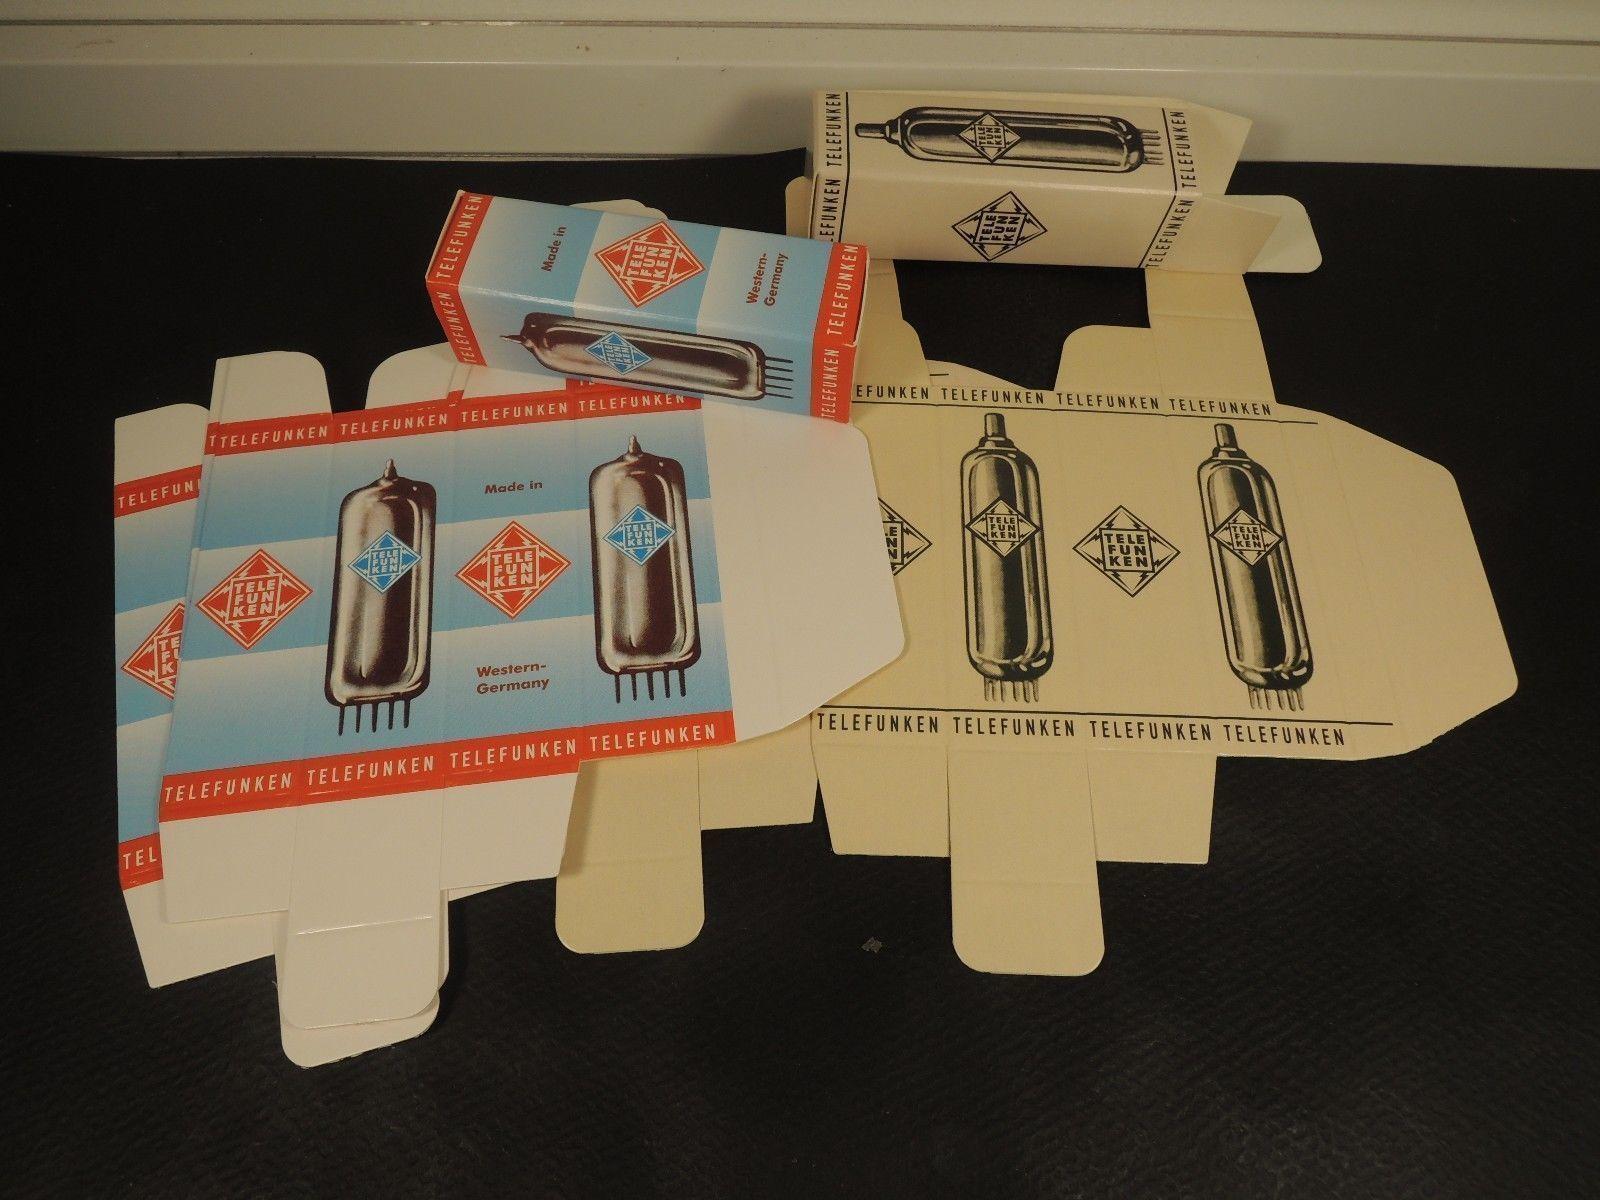 50x Telefunken Carton Box For Radio Tubes Ecc83 Ecc803s